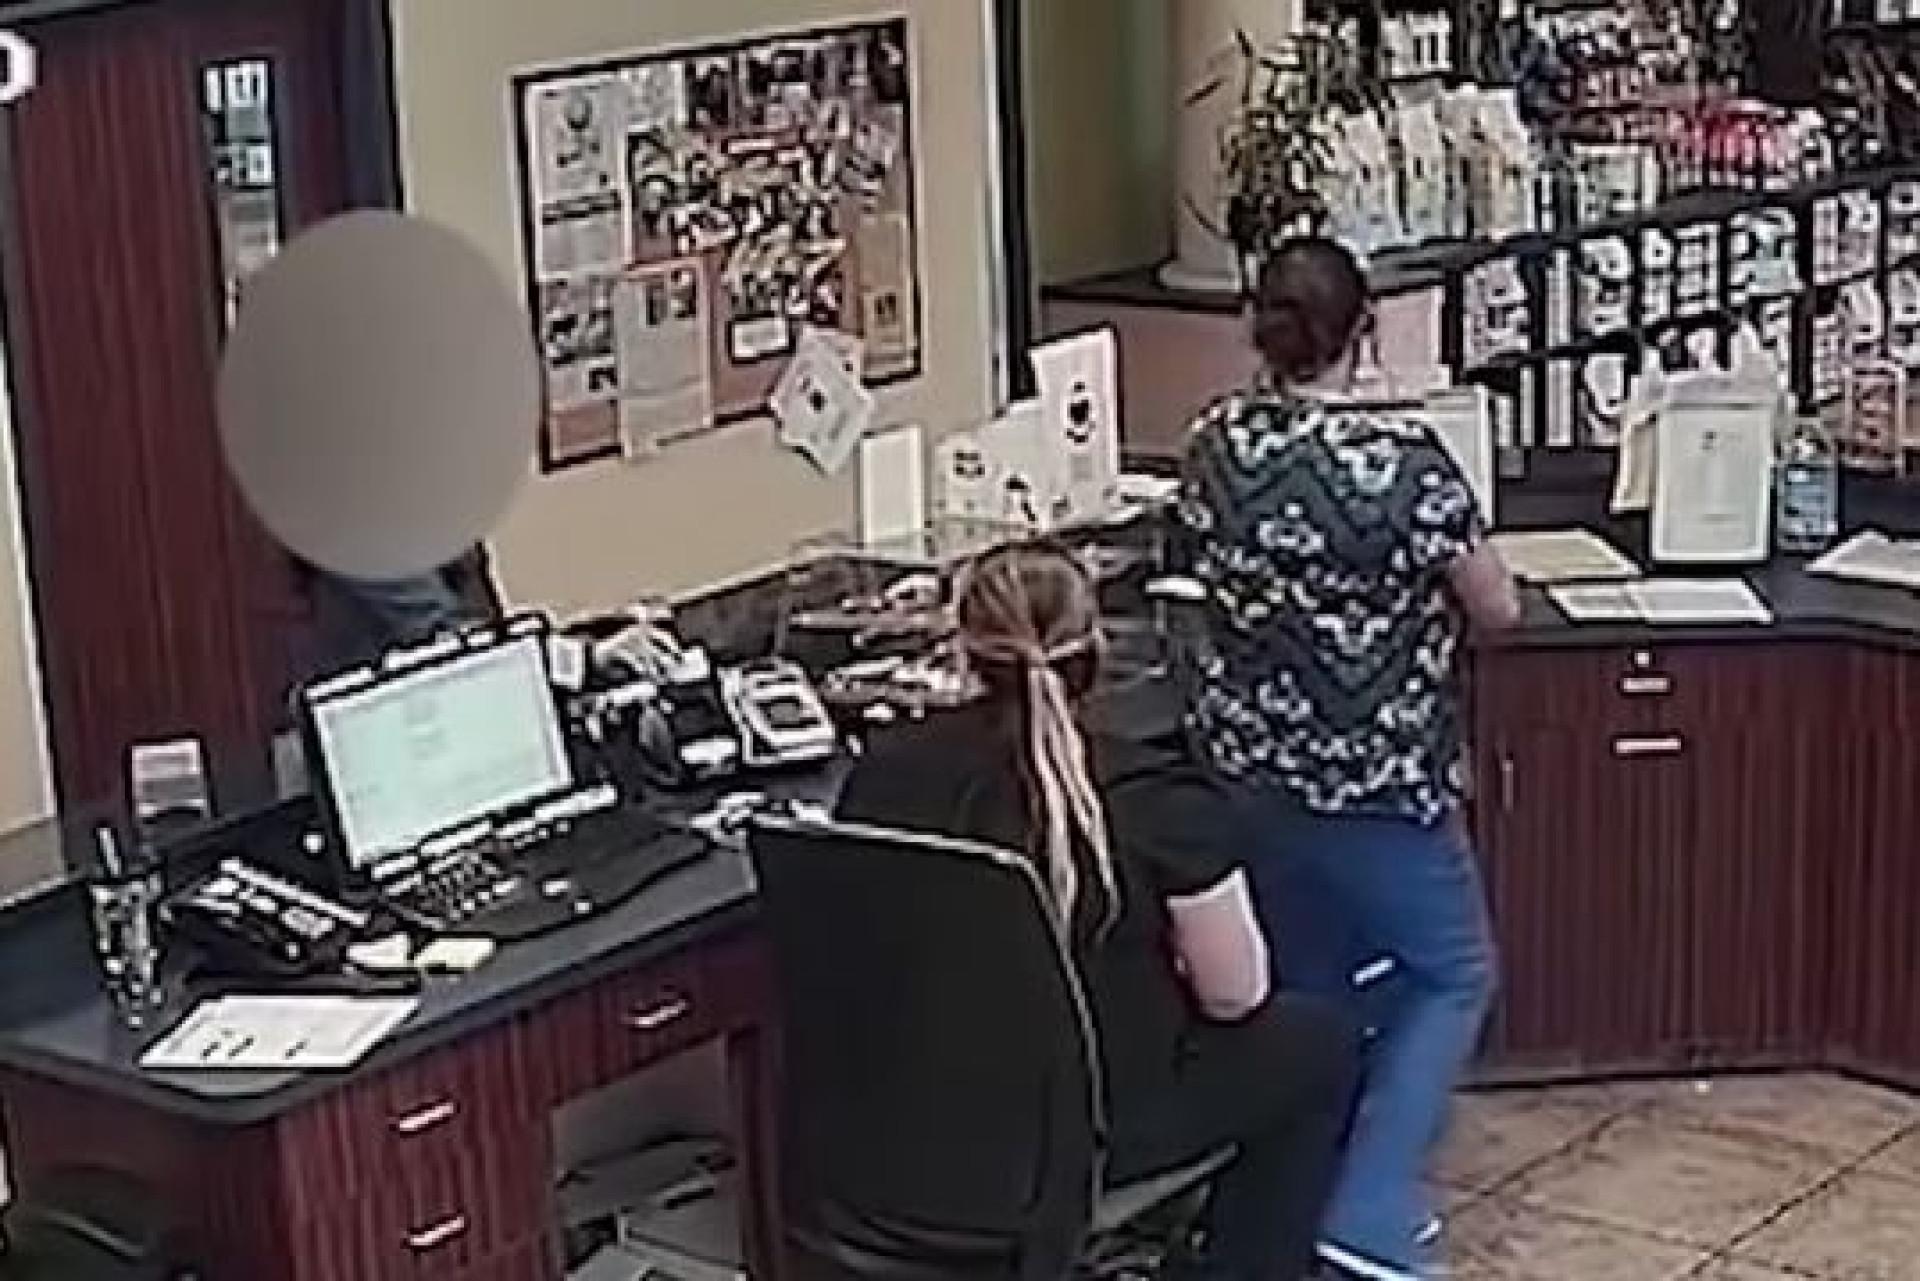 Vítima de agressões, deixa pedido de socorro em visita a veterinário